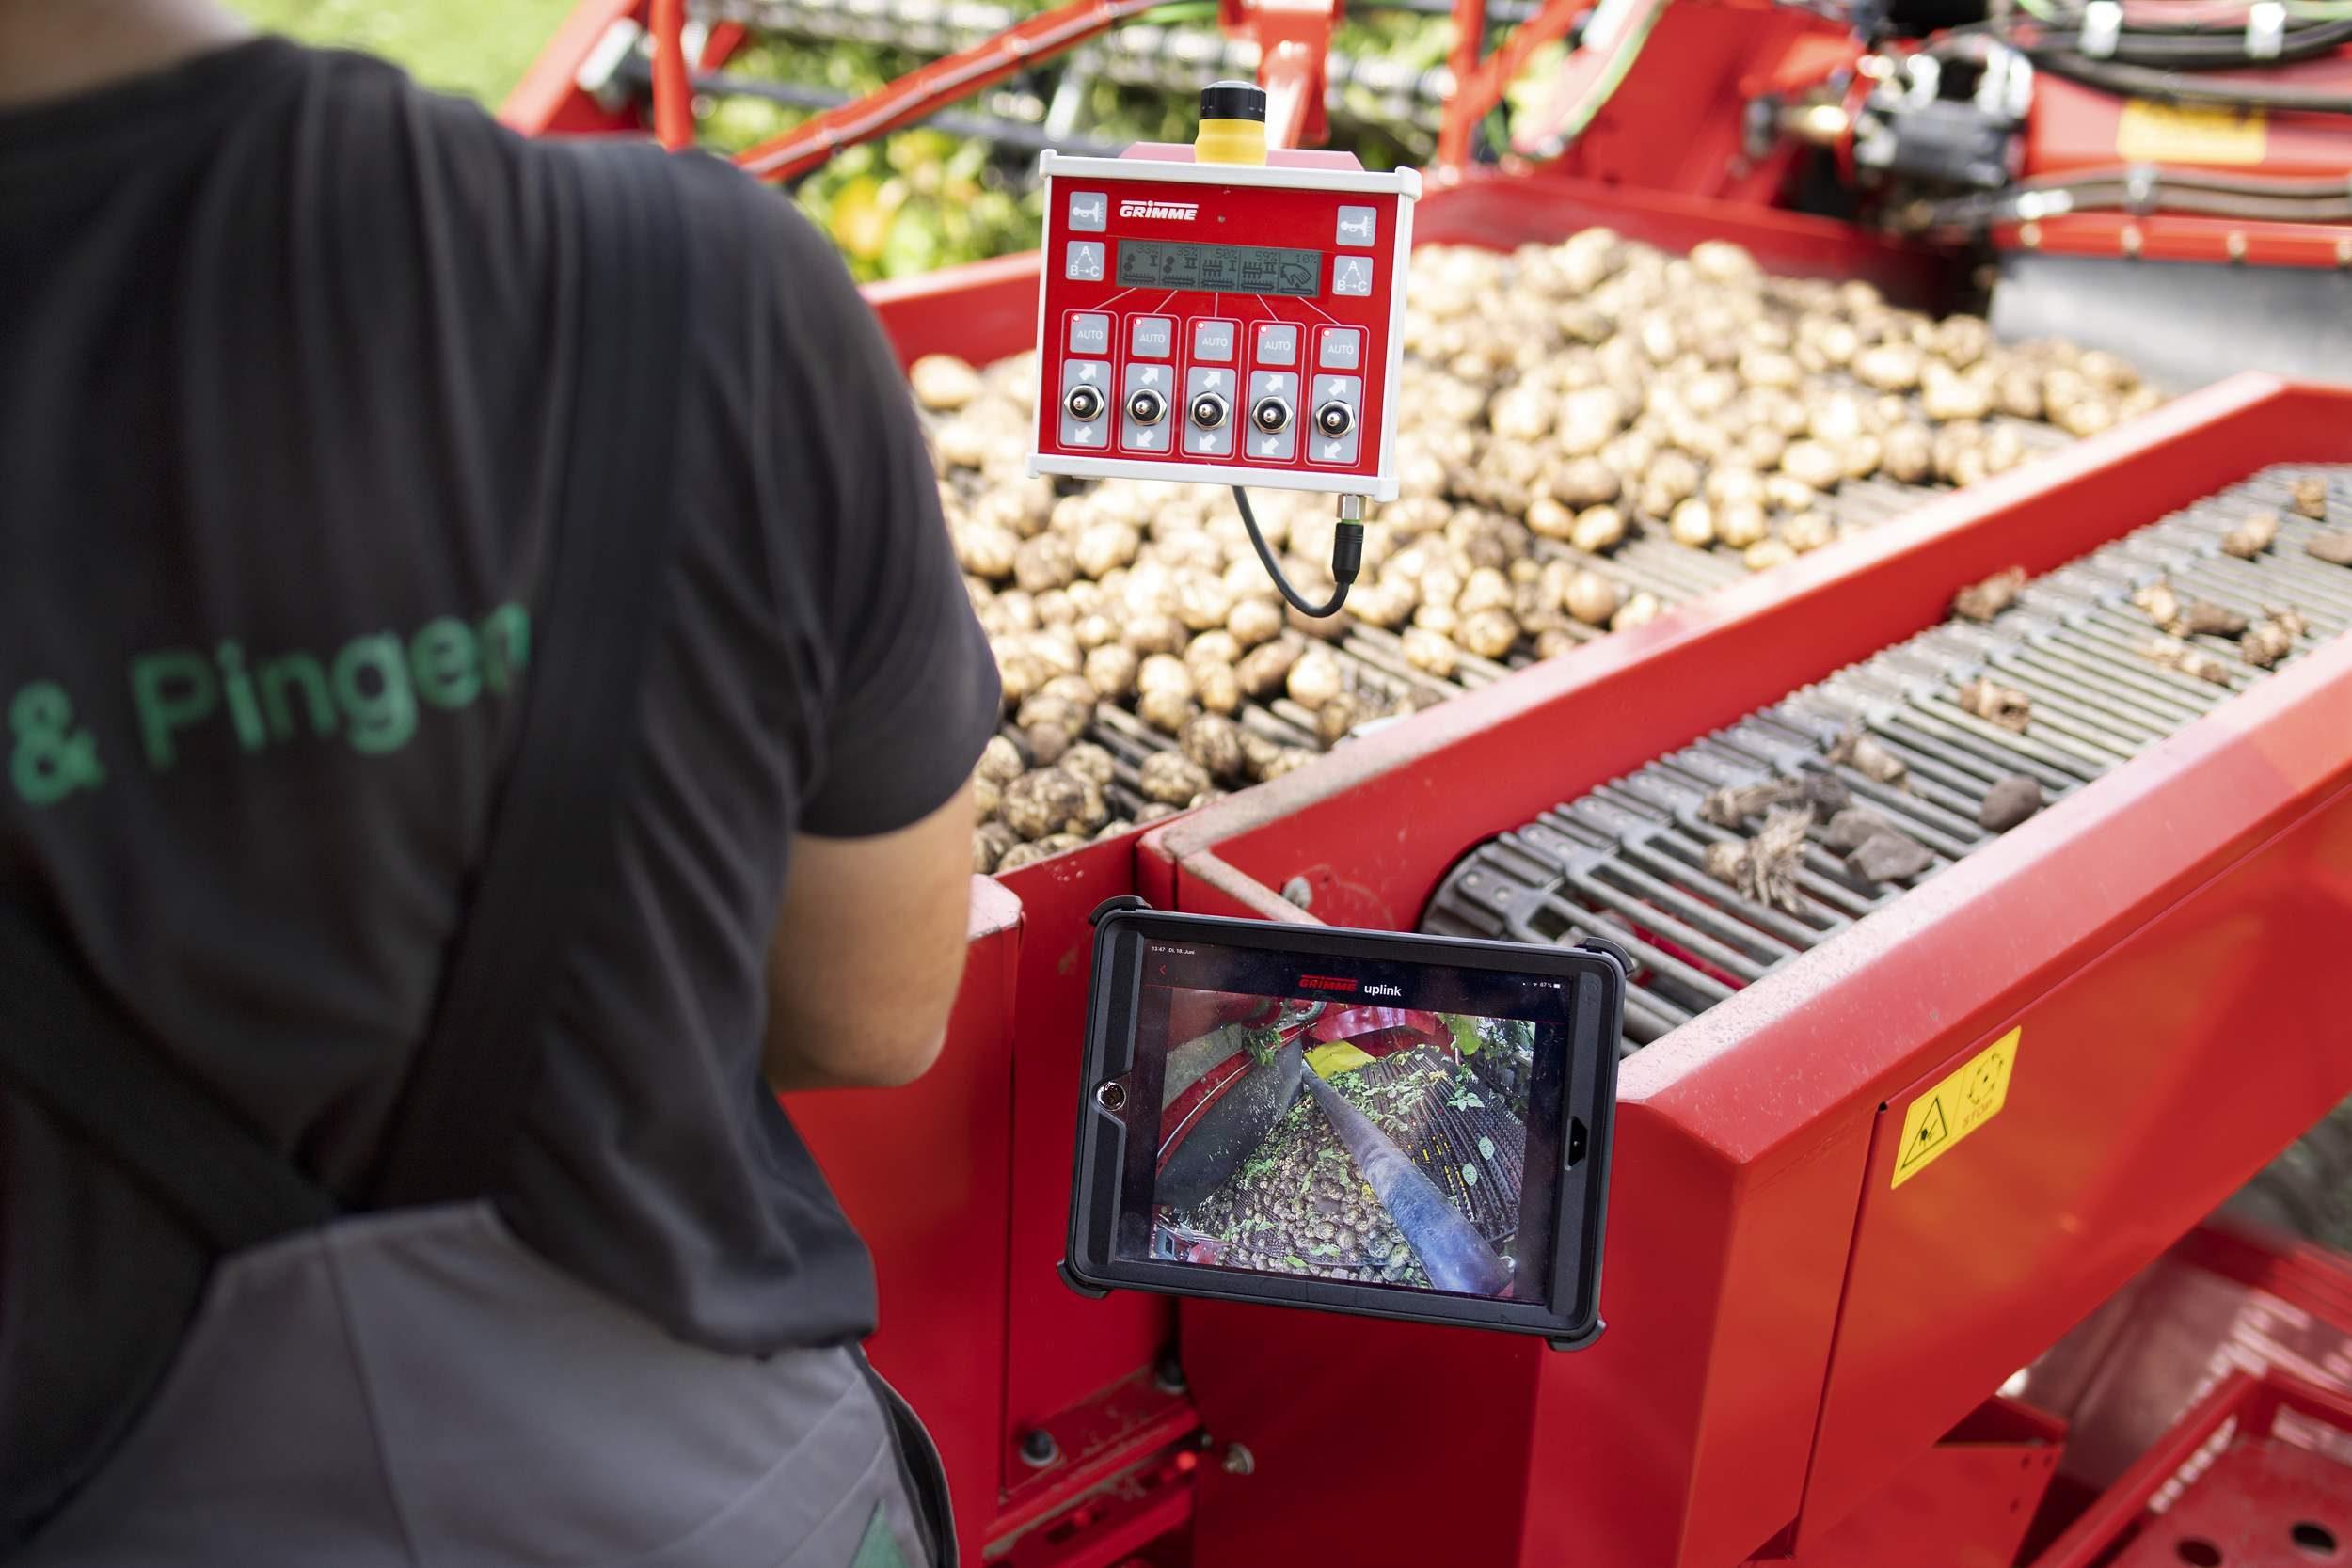 Grimme SmartView: Slimme video vindt zijn weg naar de landbouw